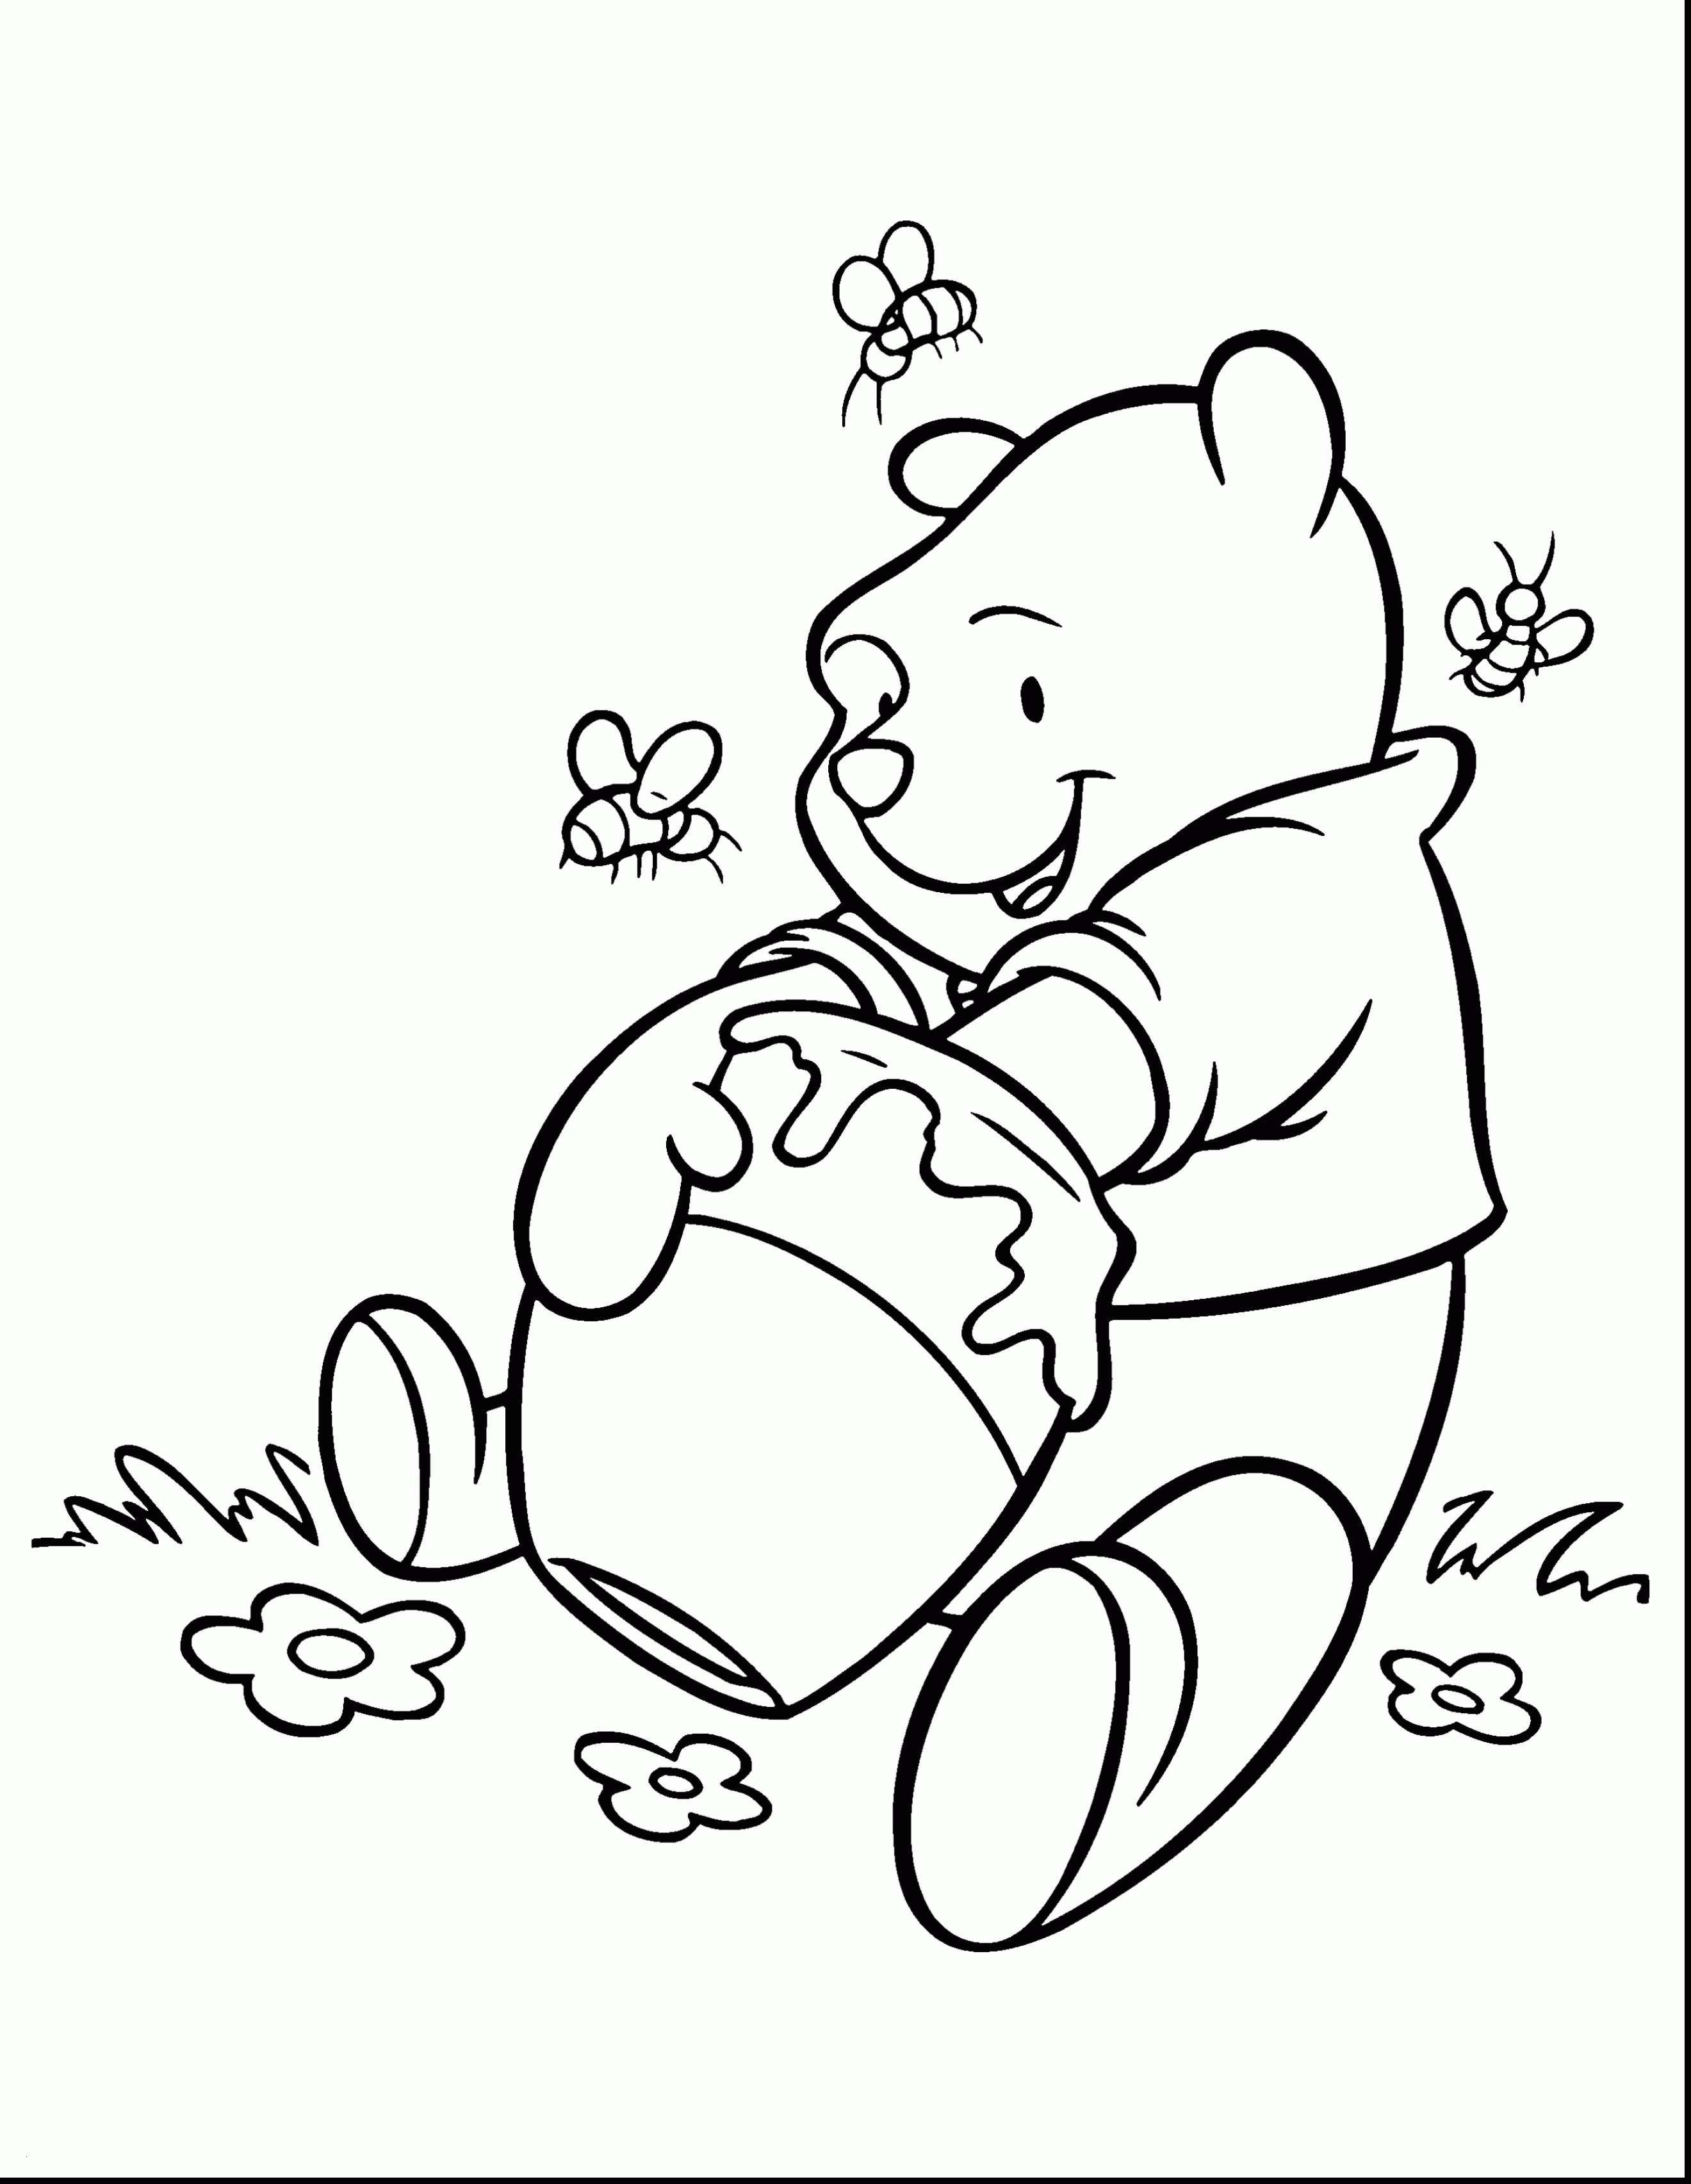 Winnie Pooh Malvorlage Inspirierend 37 Ausmalbilder Winnie Puuh Scoredatscore Einzigartig Ausmalbilder Fotografieren